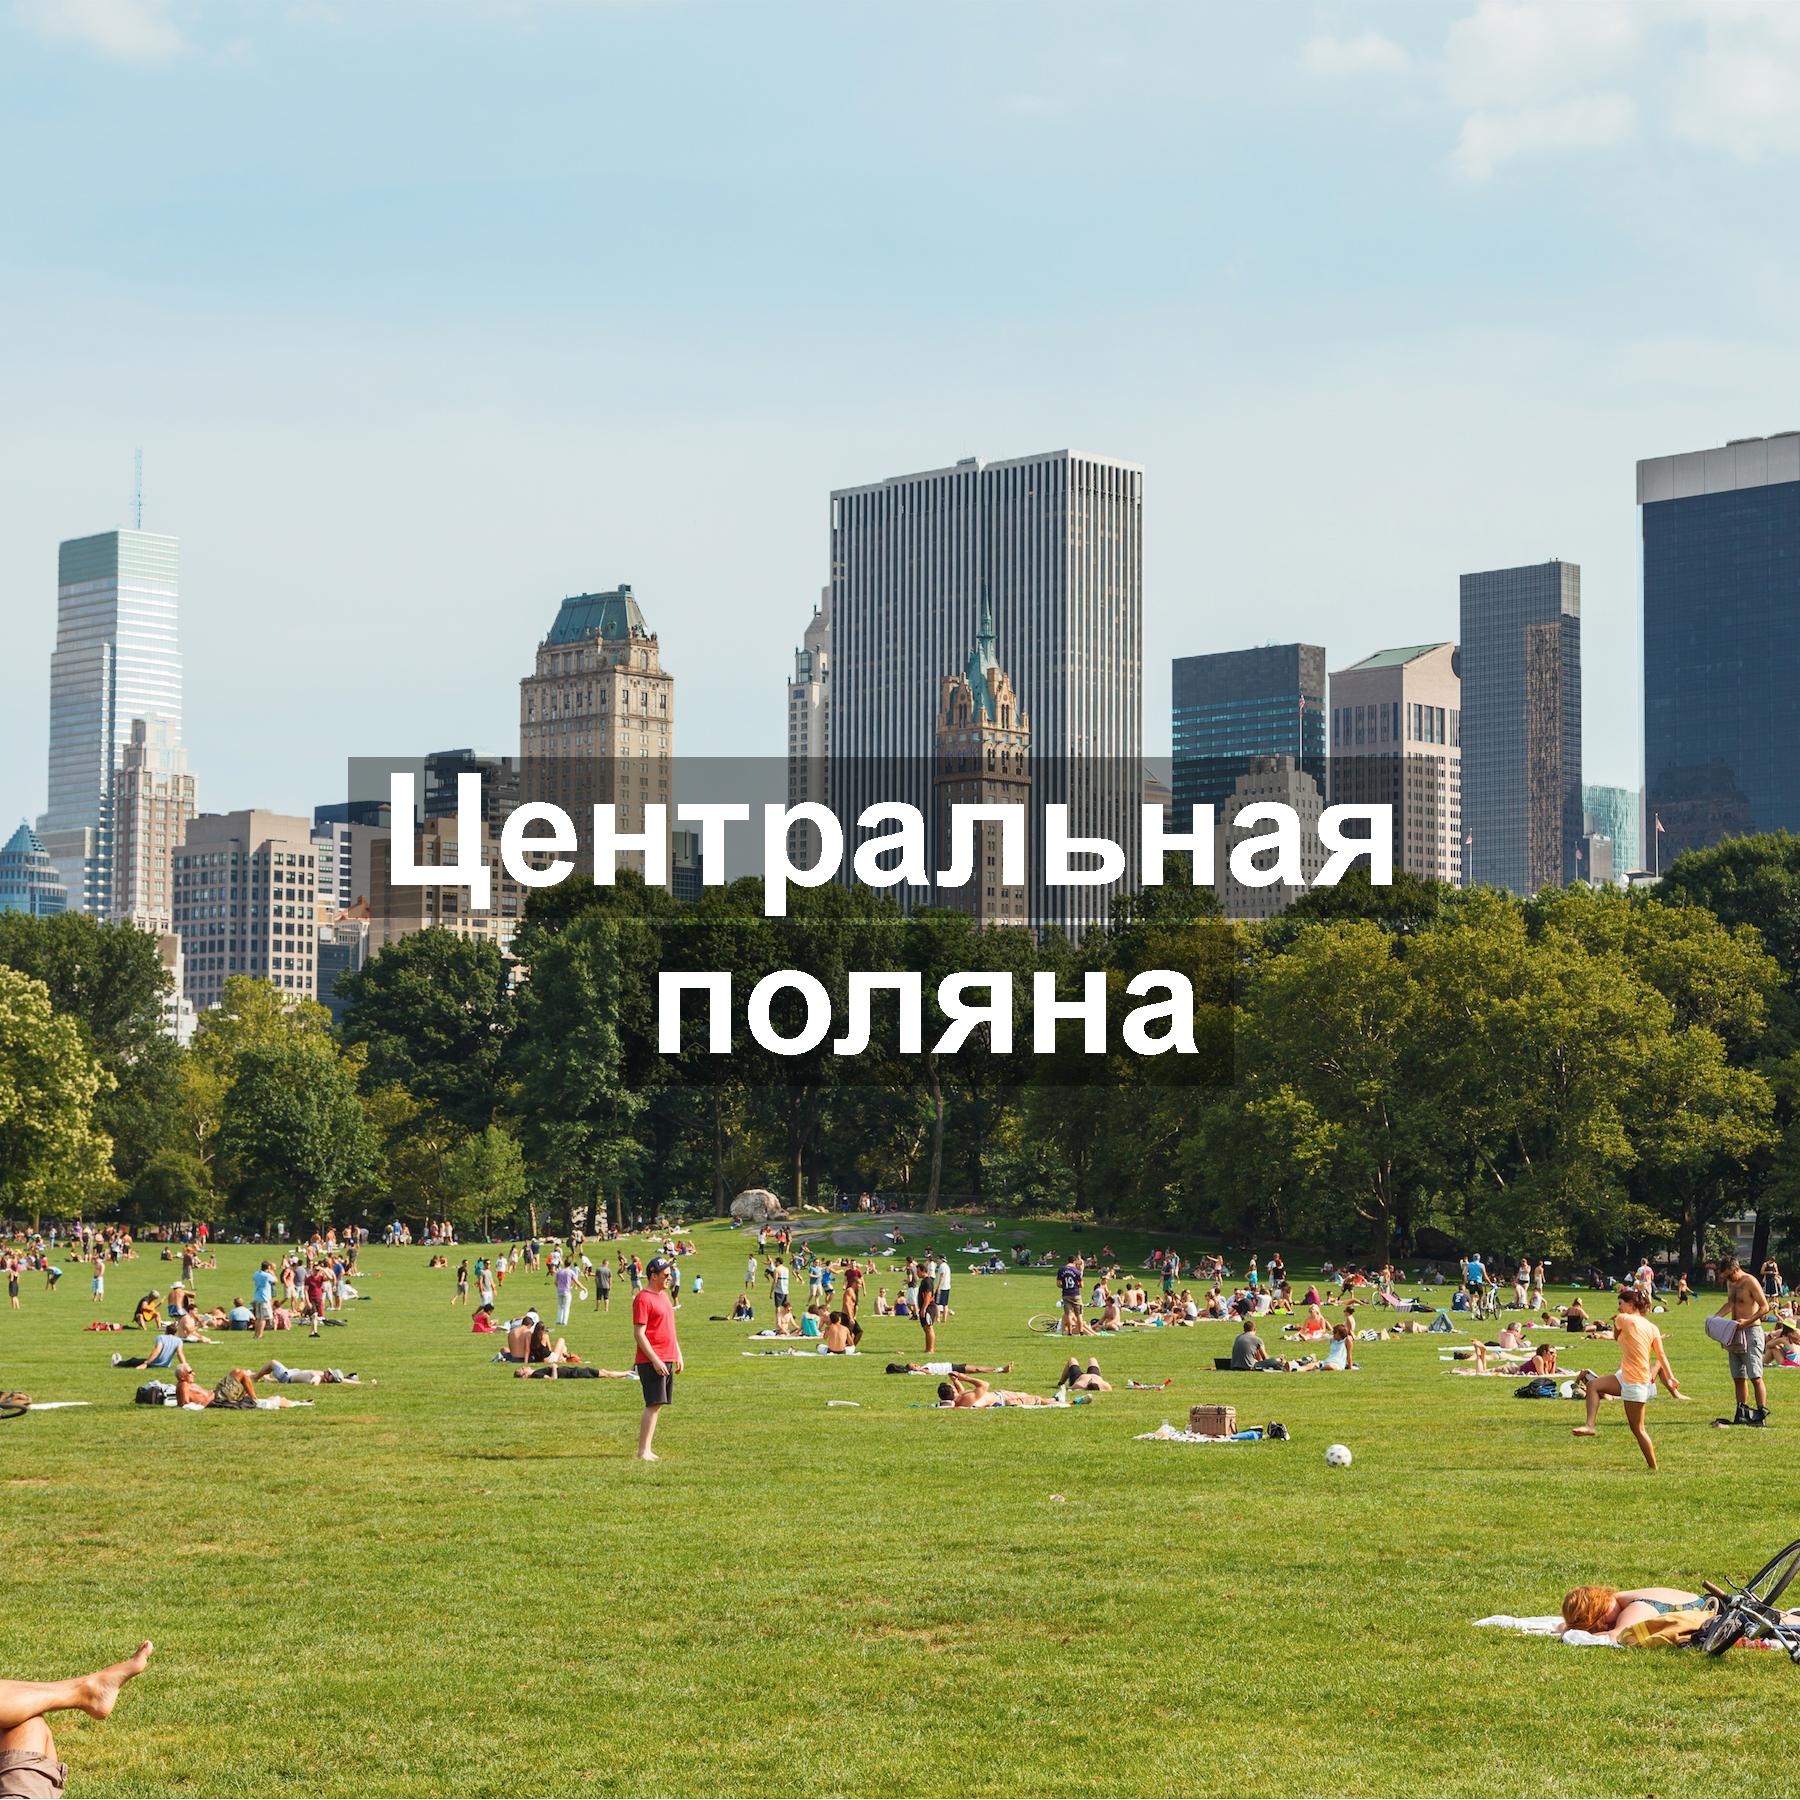 Центральная_поляна_центрального_парка_кинолокации_Ньюйоркгид_Иван_Федин.jpg